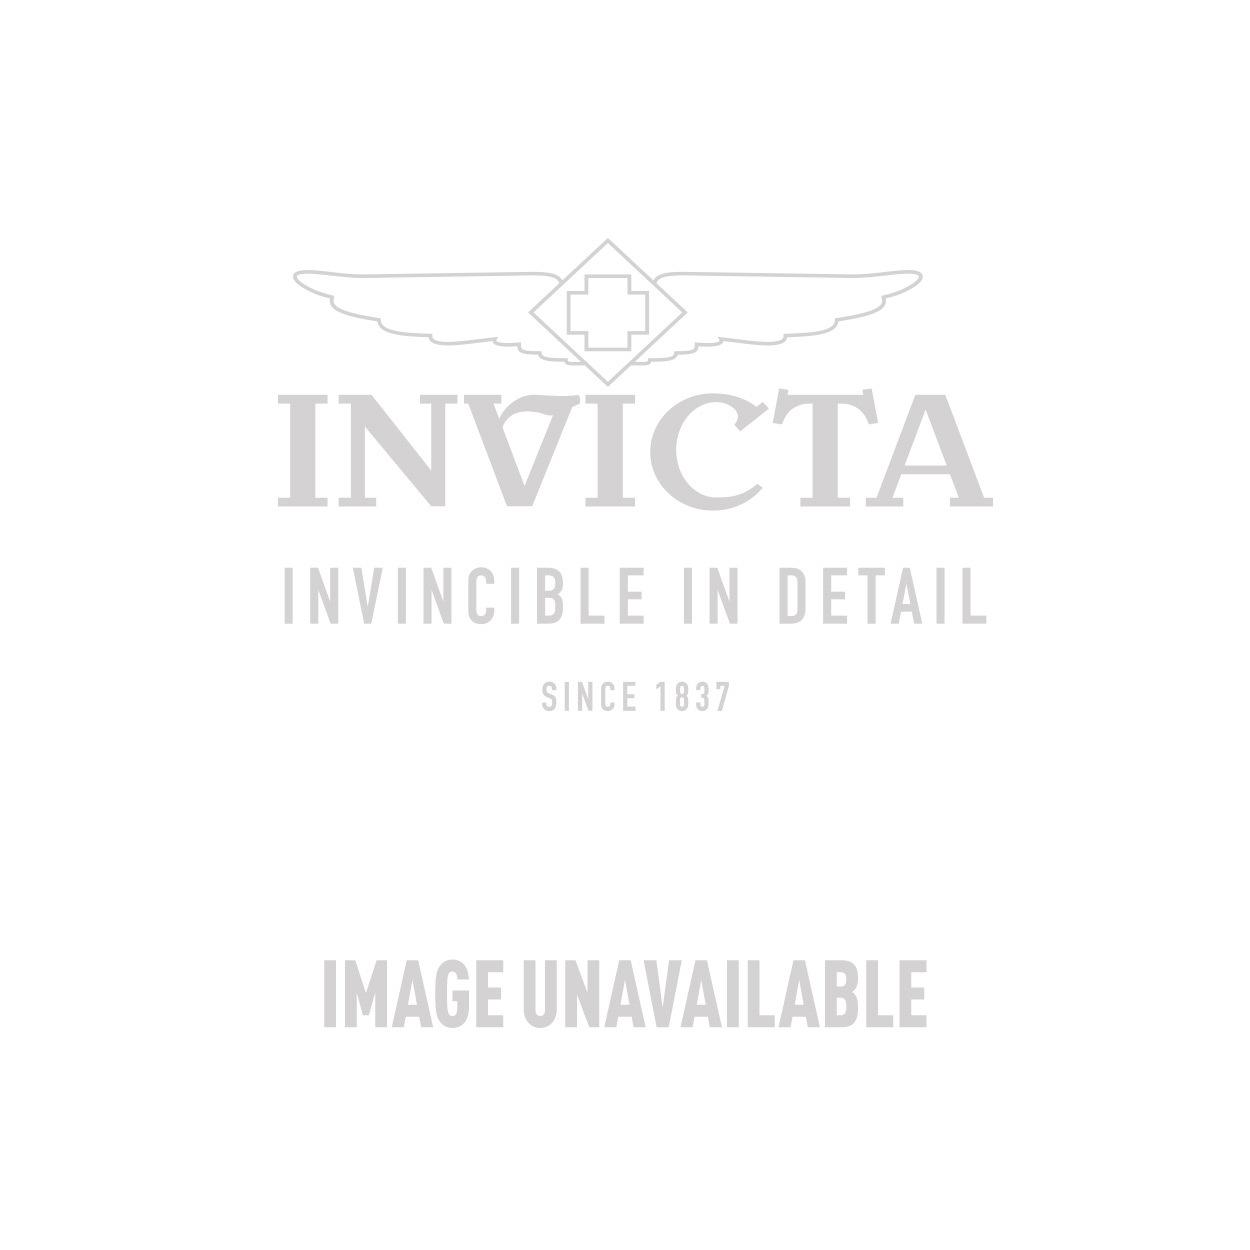 Invicta Model 26894